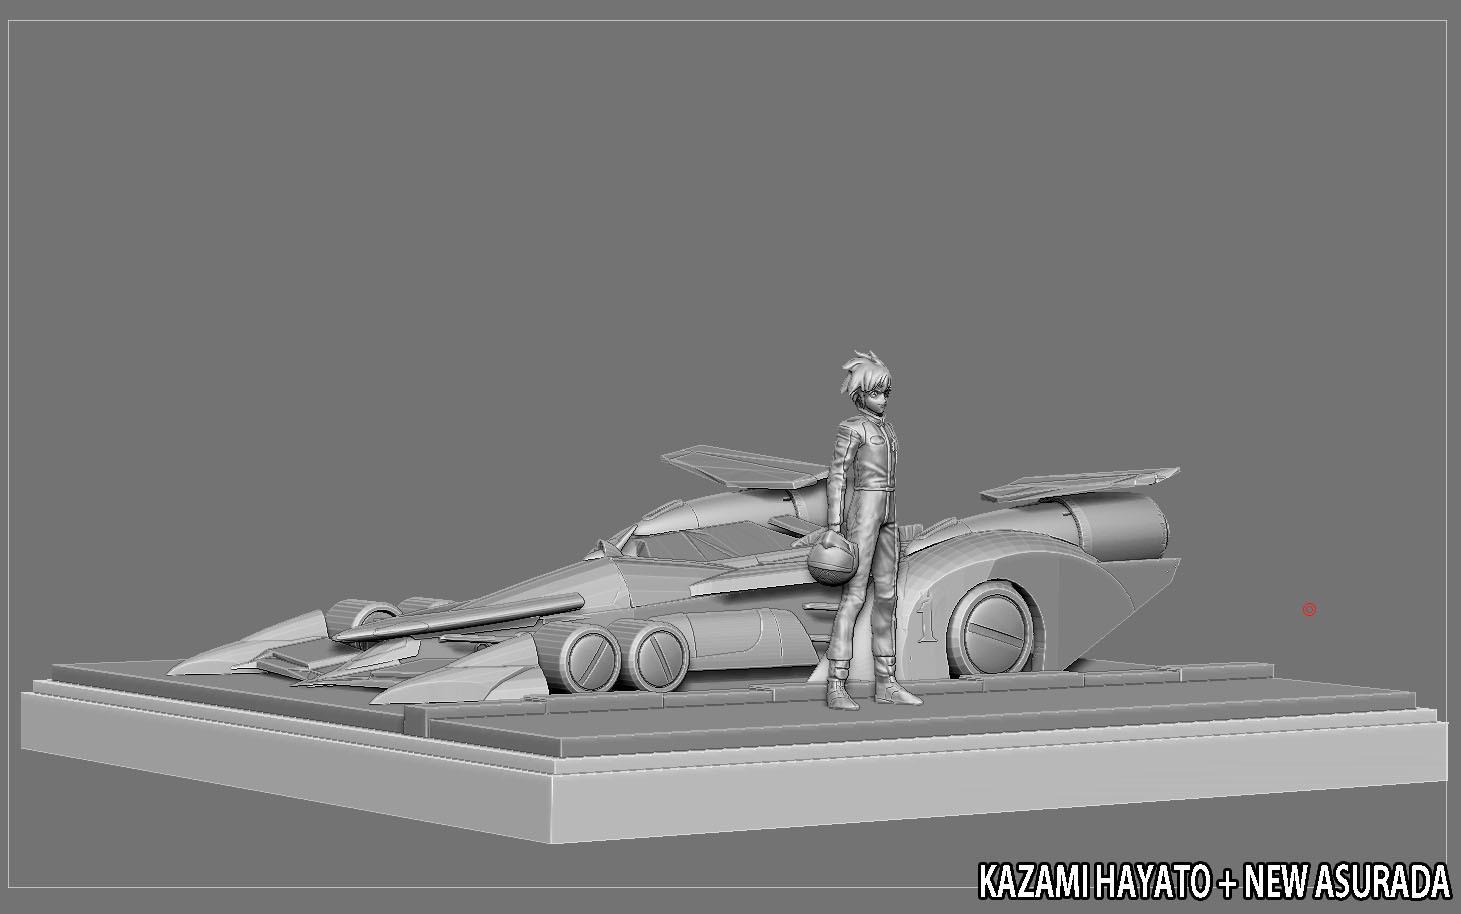 13.jpg Télécharger fichier STL KAZAMI HAYATO ASURADA CYBER FORMULE STATUE DIORAMA COURSE ANIME PERSONNAGE VOITURE DE COURSE • Plan à imprimer en 3D, figuremasteracademy